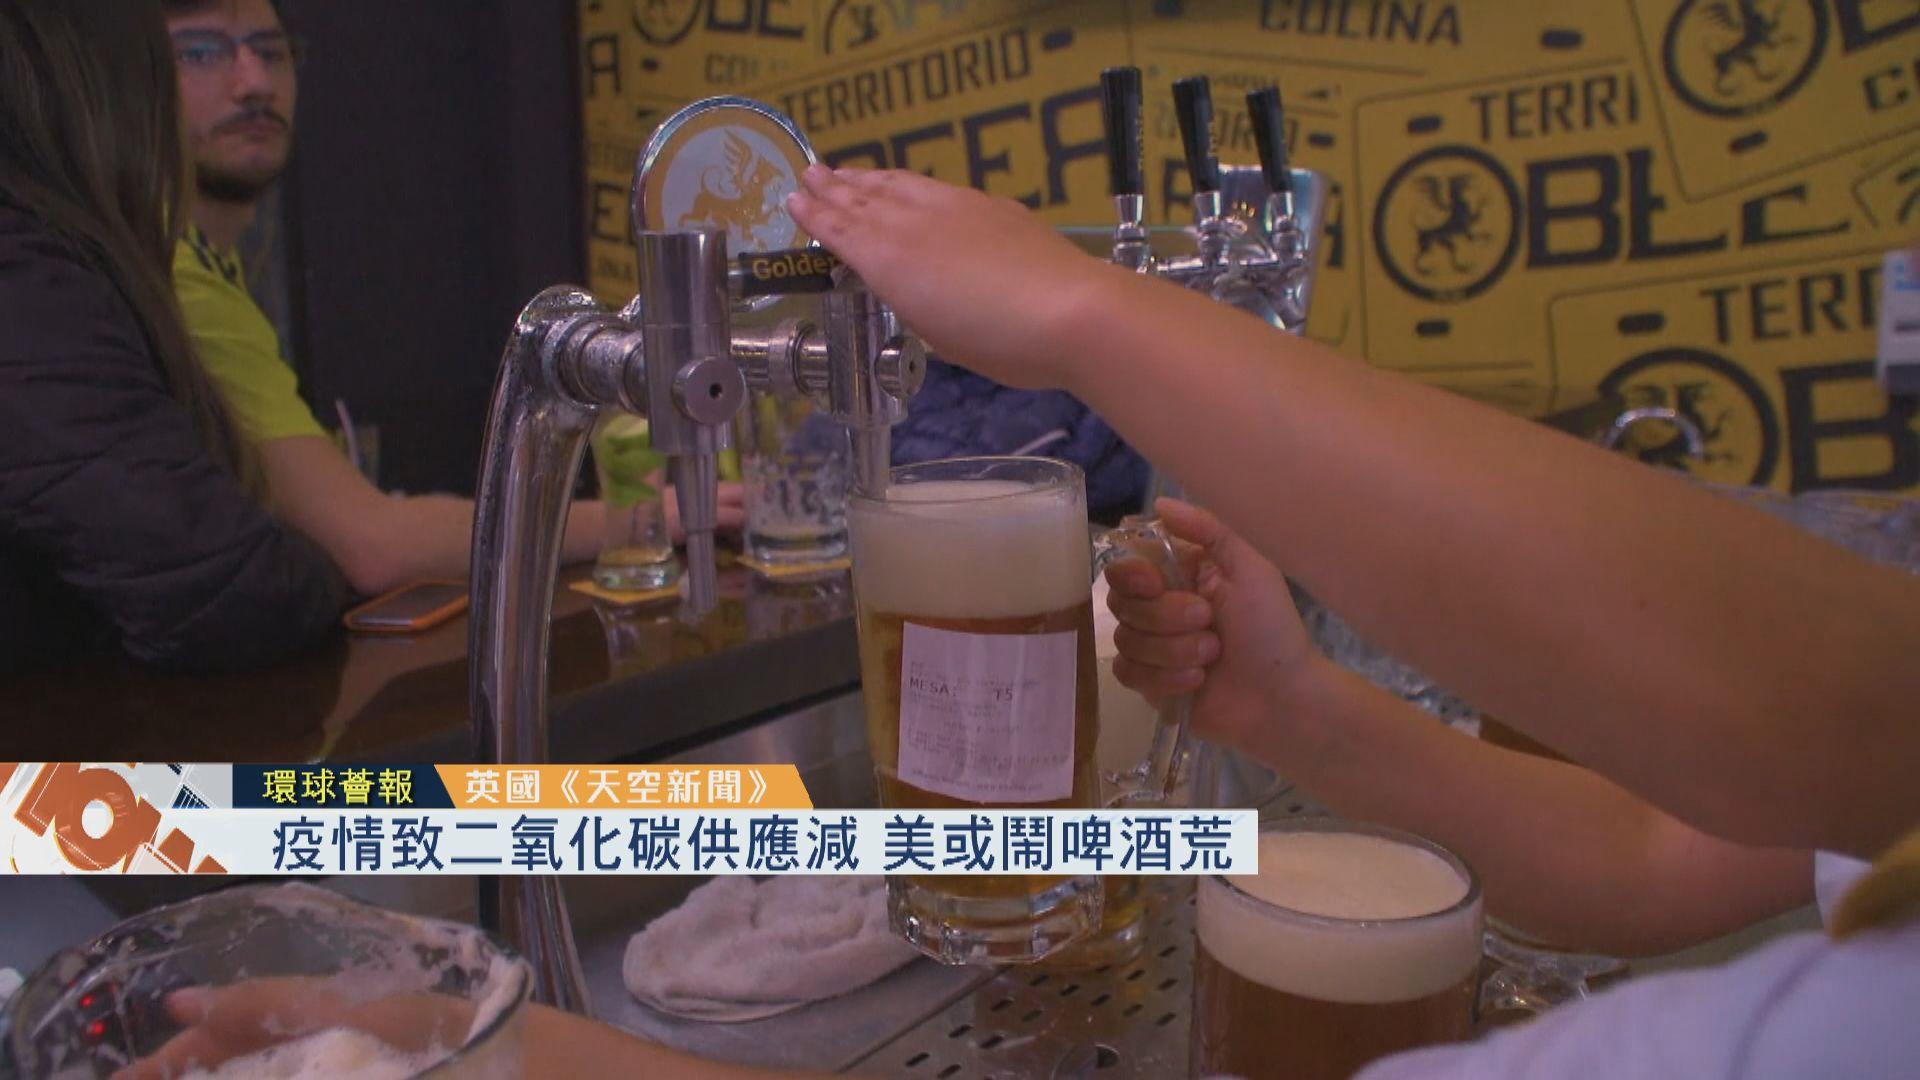 【環球薈報】疫情致二氧化碳供應減 美或鬧啤酒荒